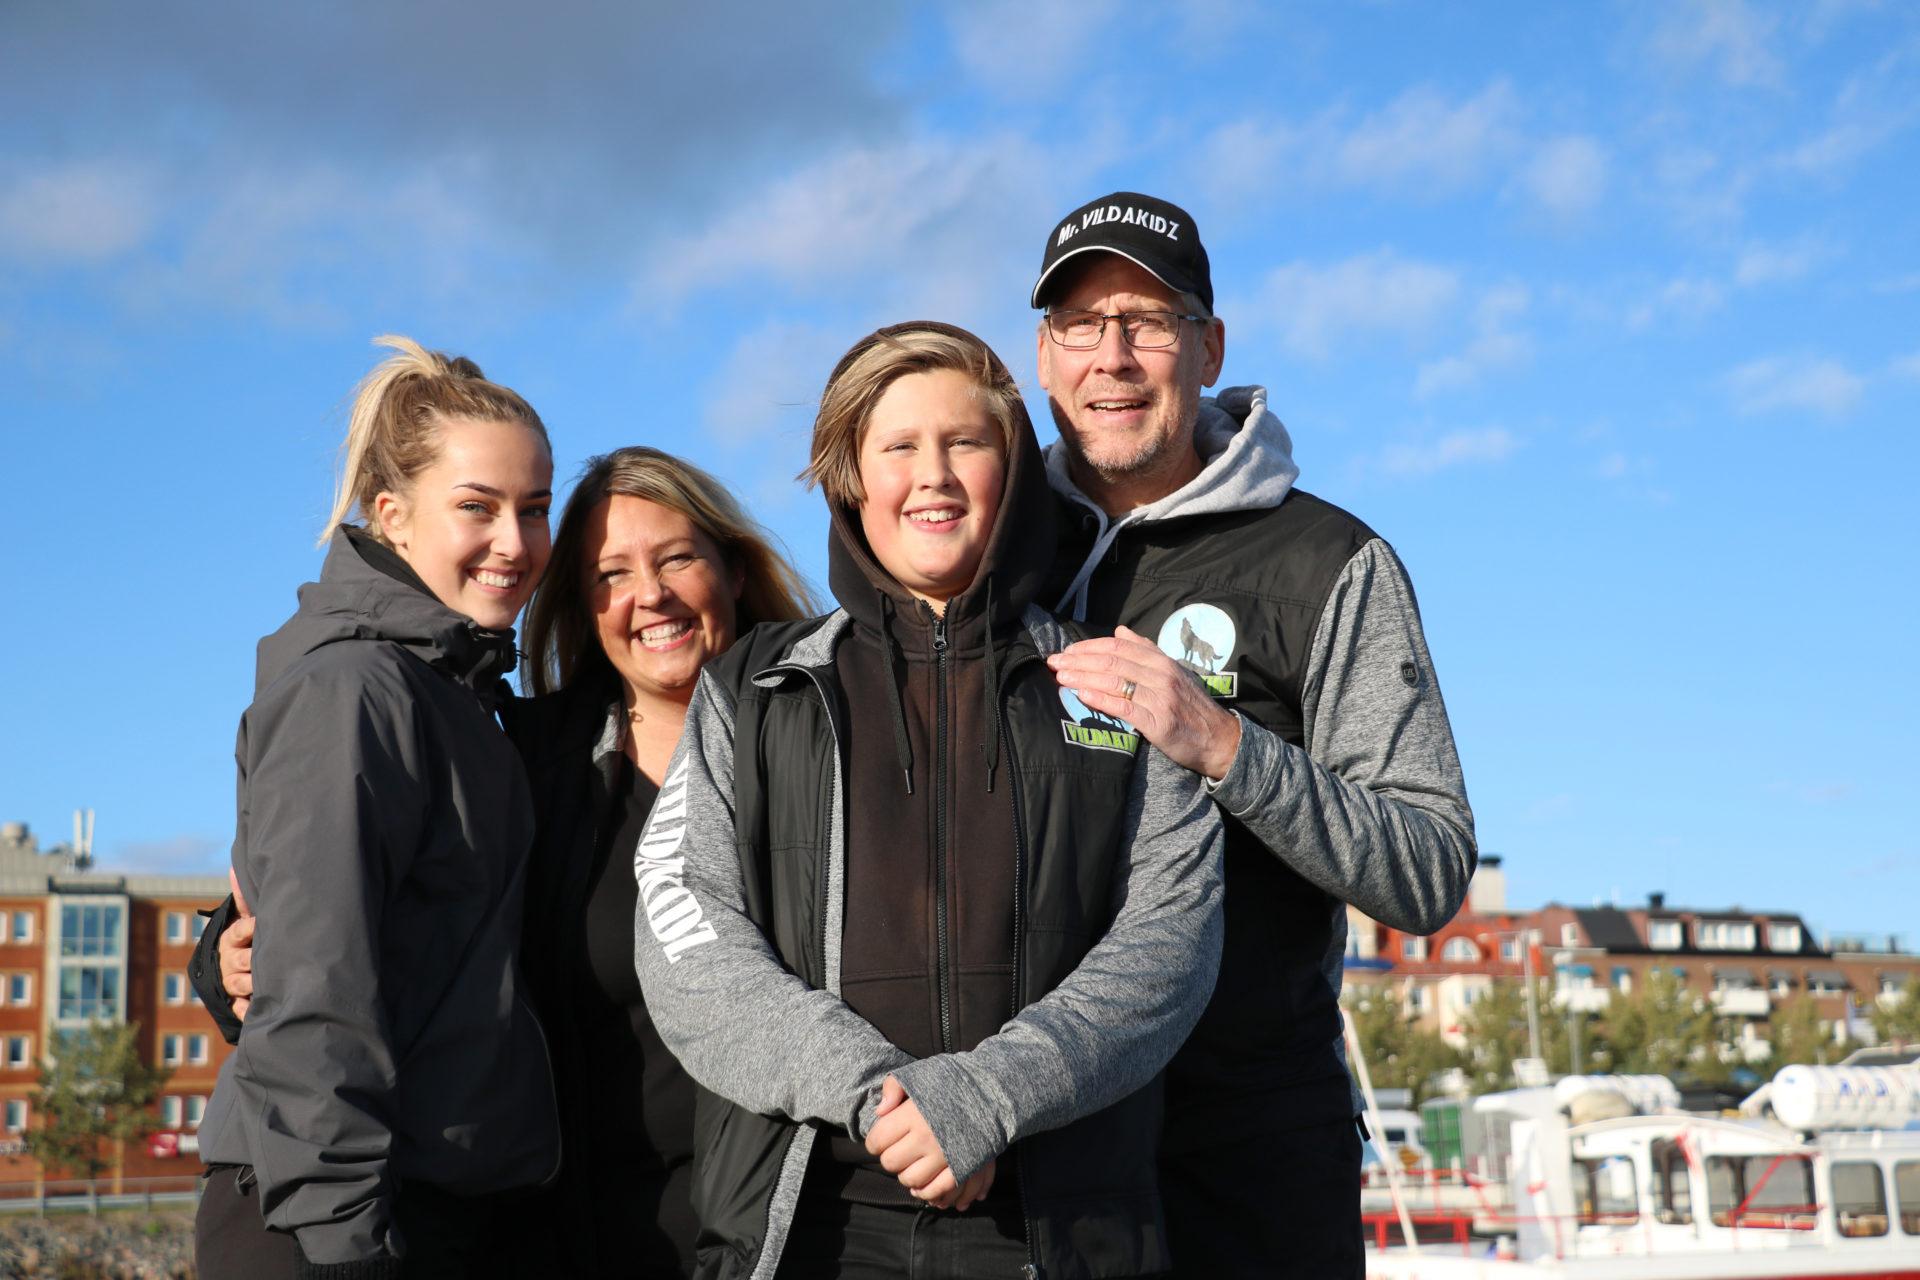 Familjen som har grundat och driver VildaKidz: Rebecca, Anna, Marcus och Stefan Karlsson.